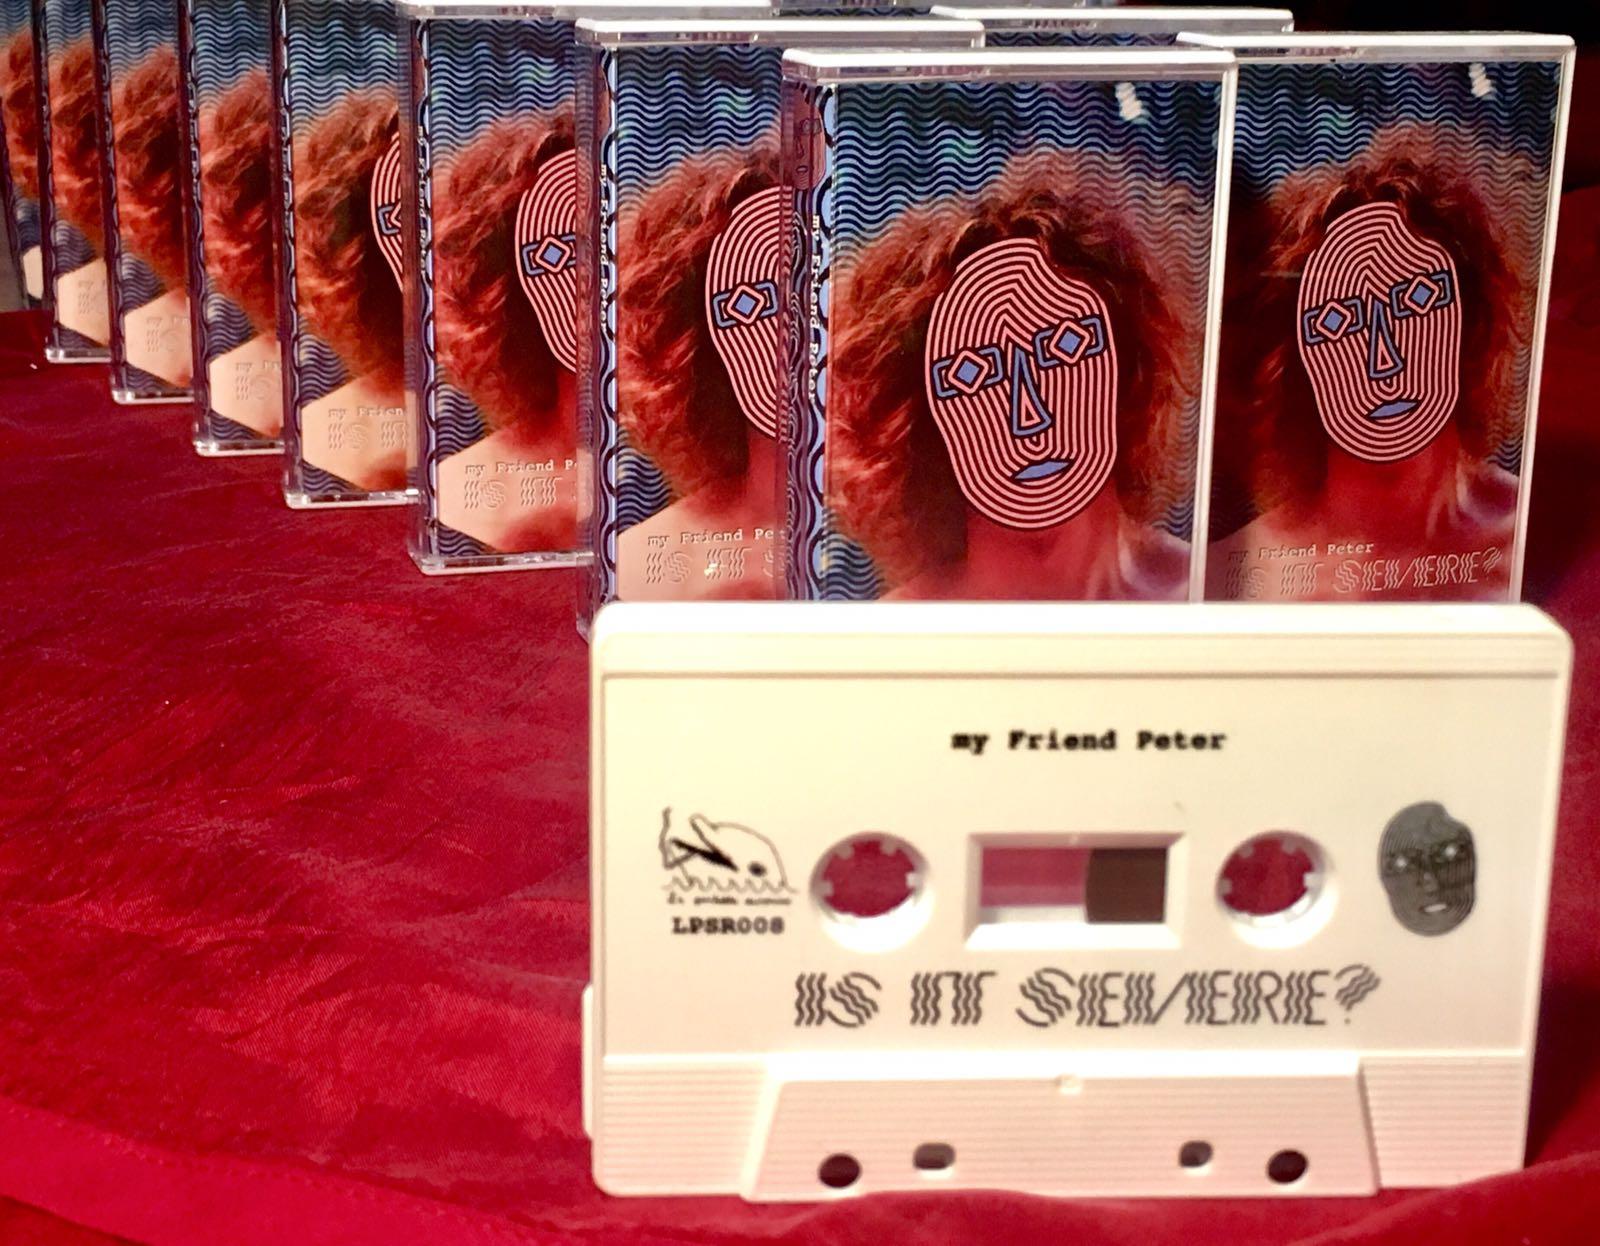 My Friend Peter - Is It Severe?